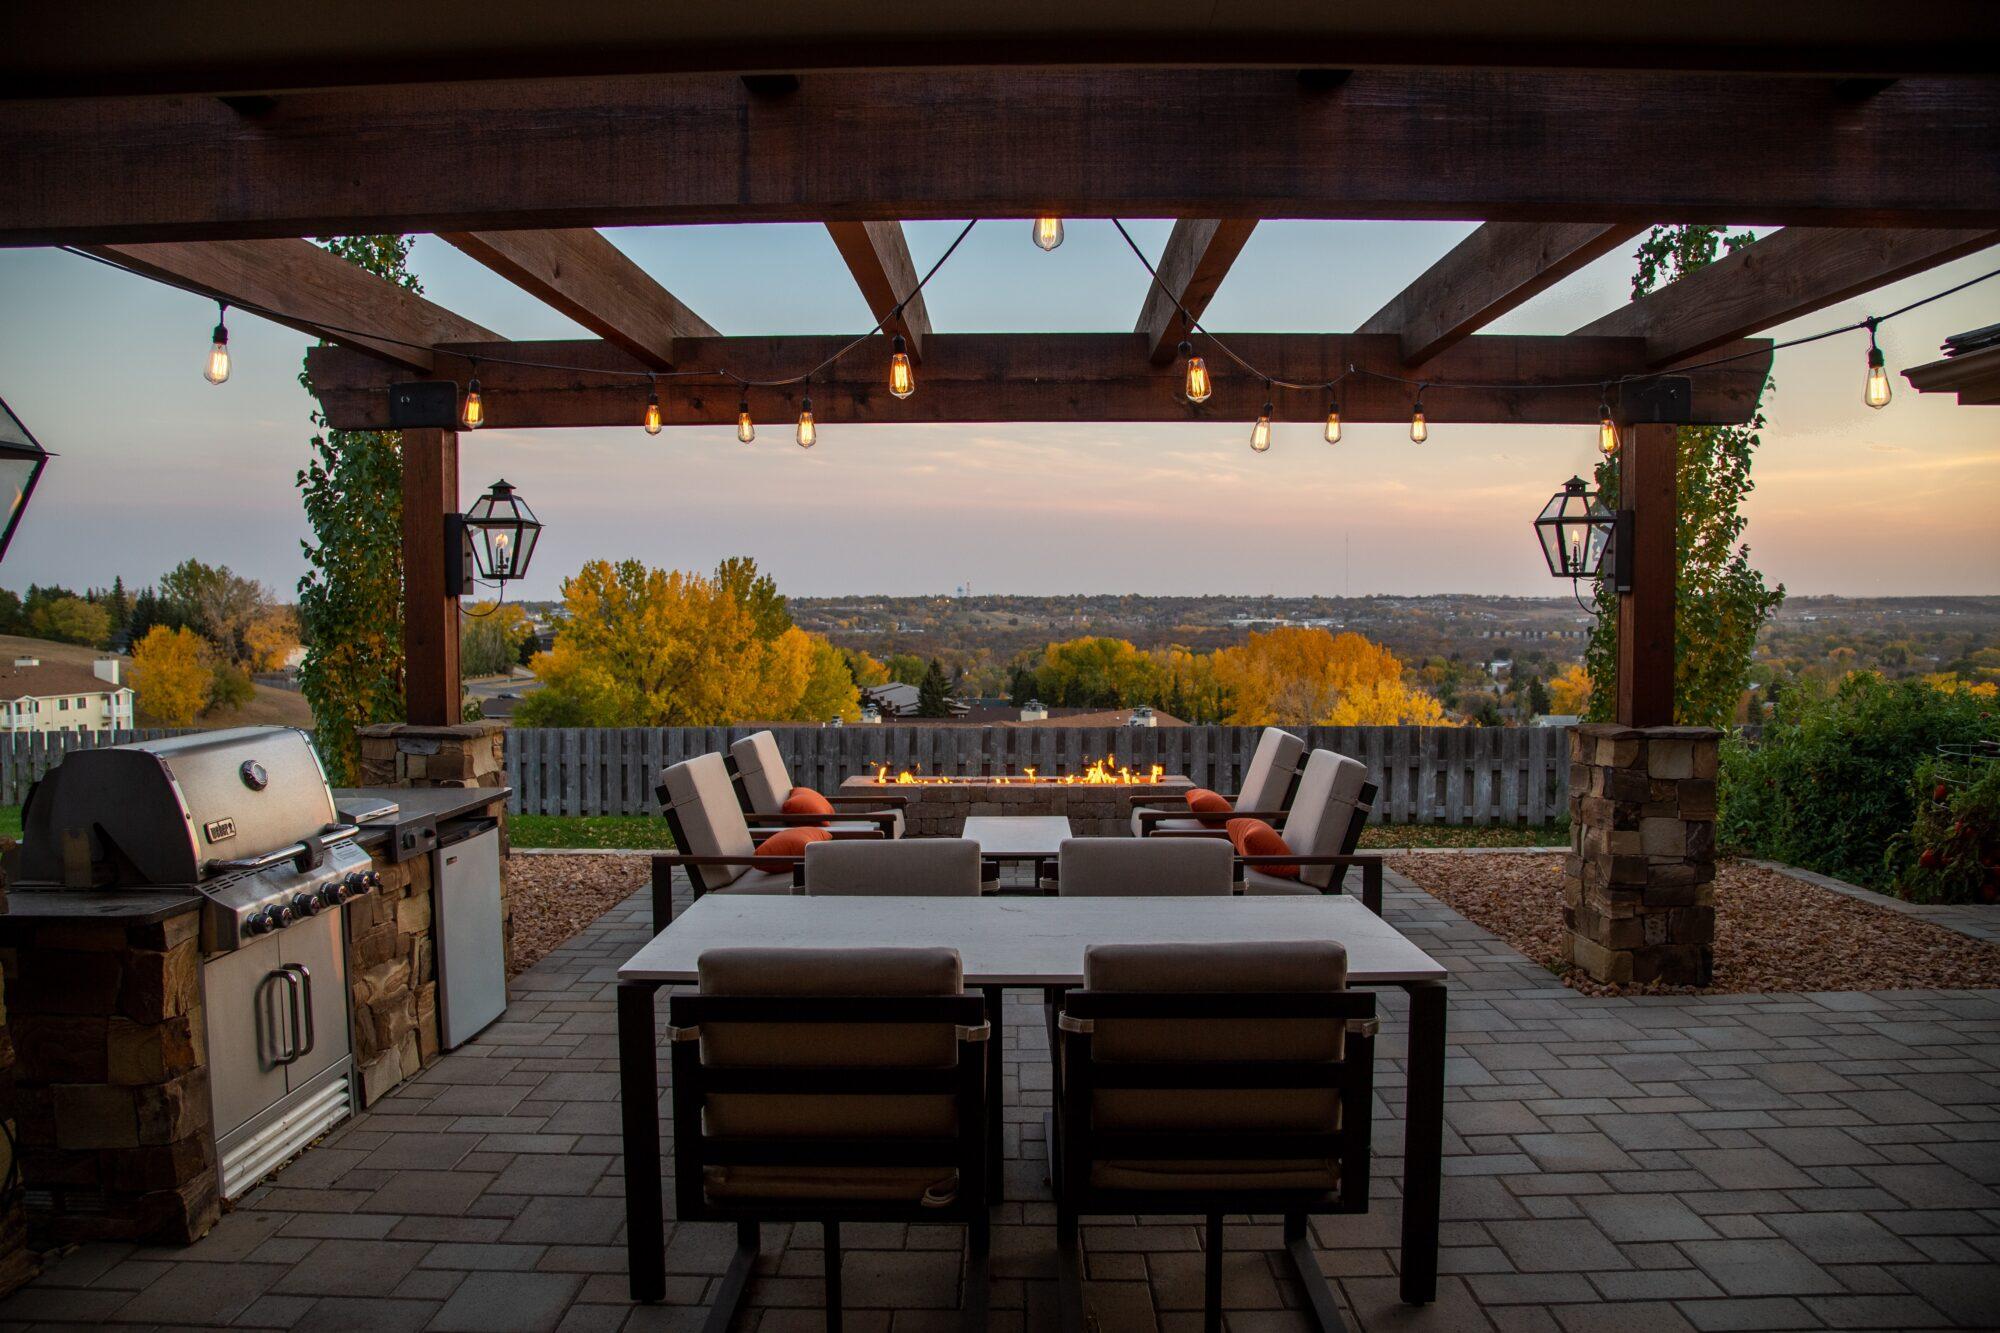 Udendørs møbler skaber hygge udenfor